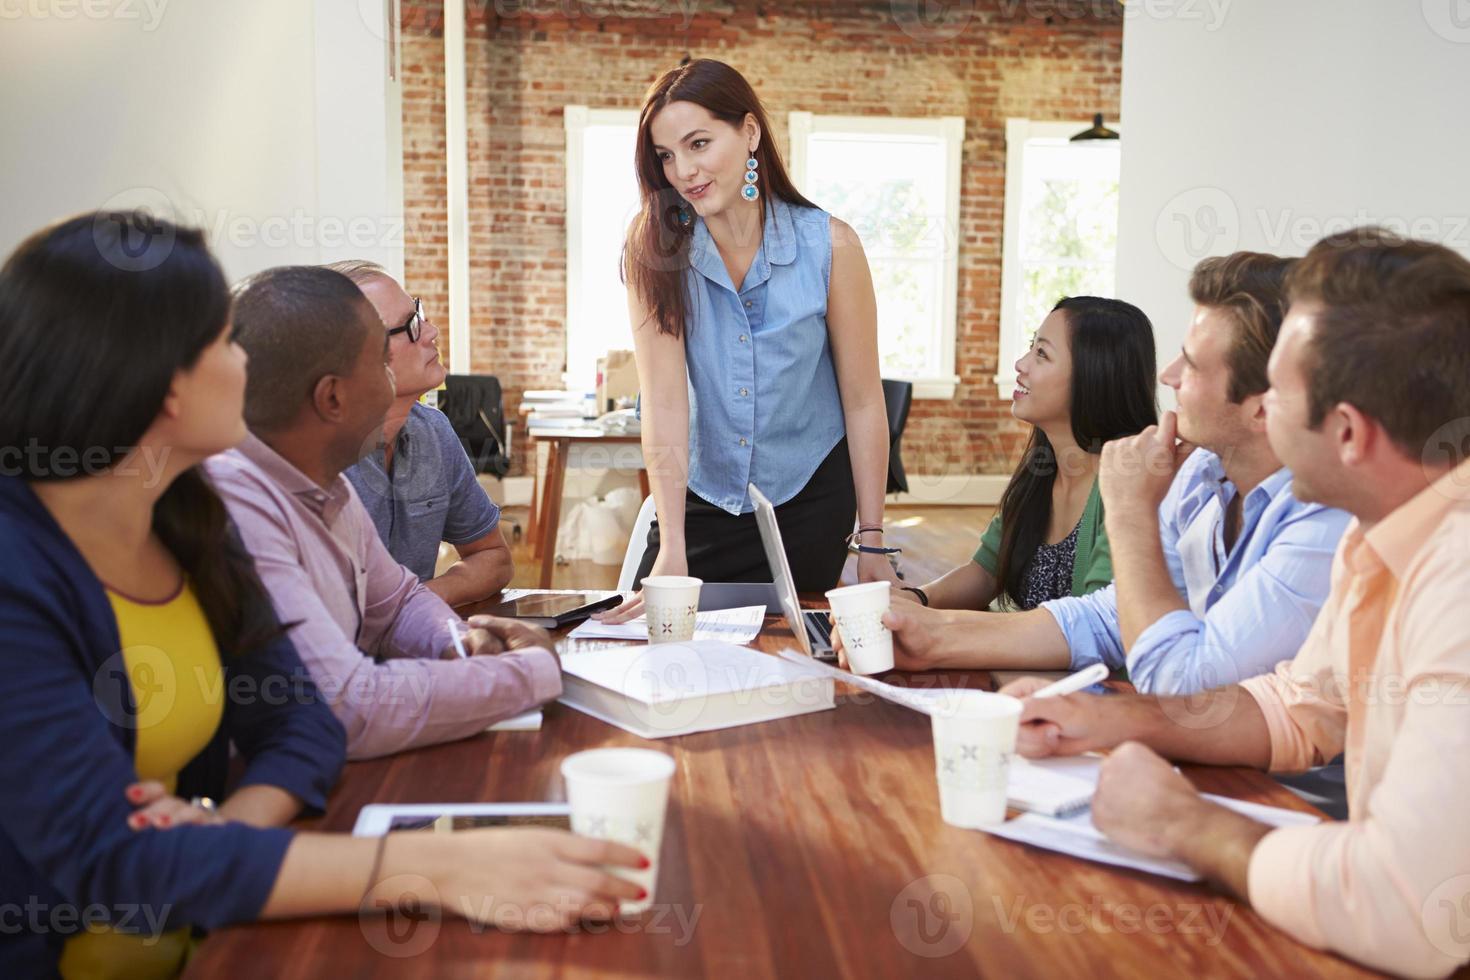 Chefin spricht Büroangestellte beim Treffen an foto